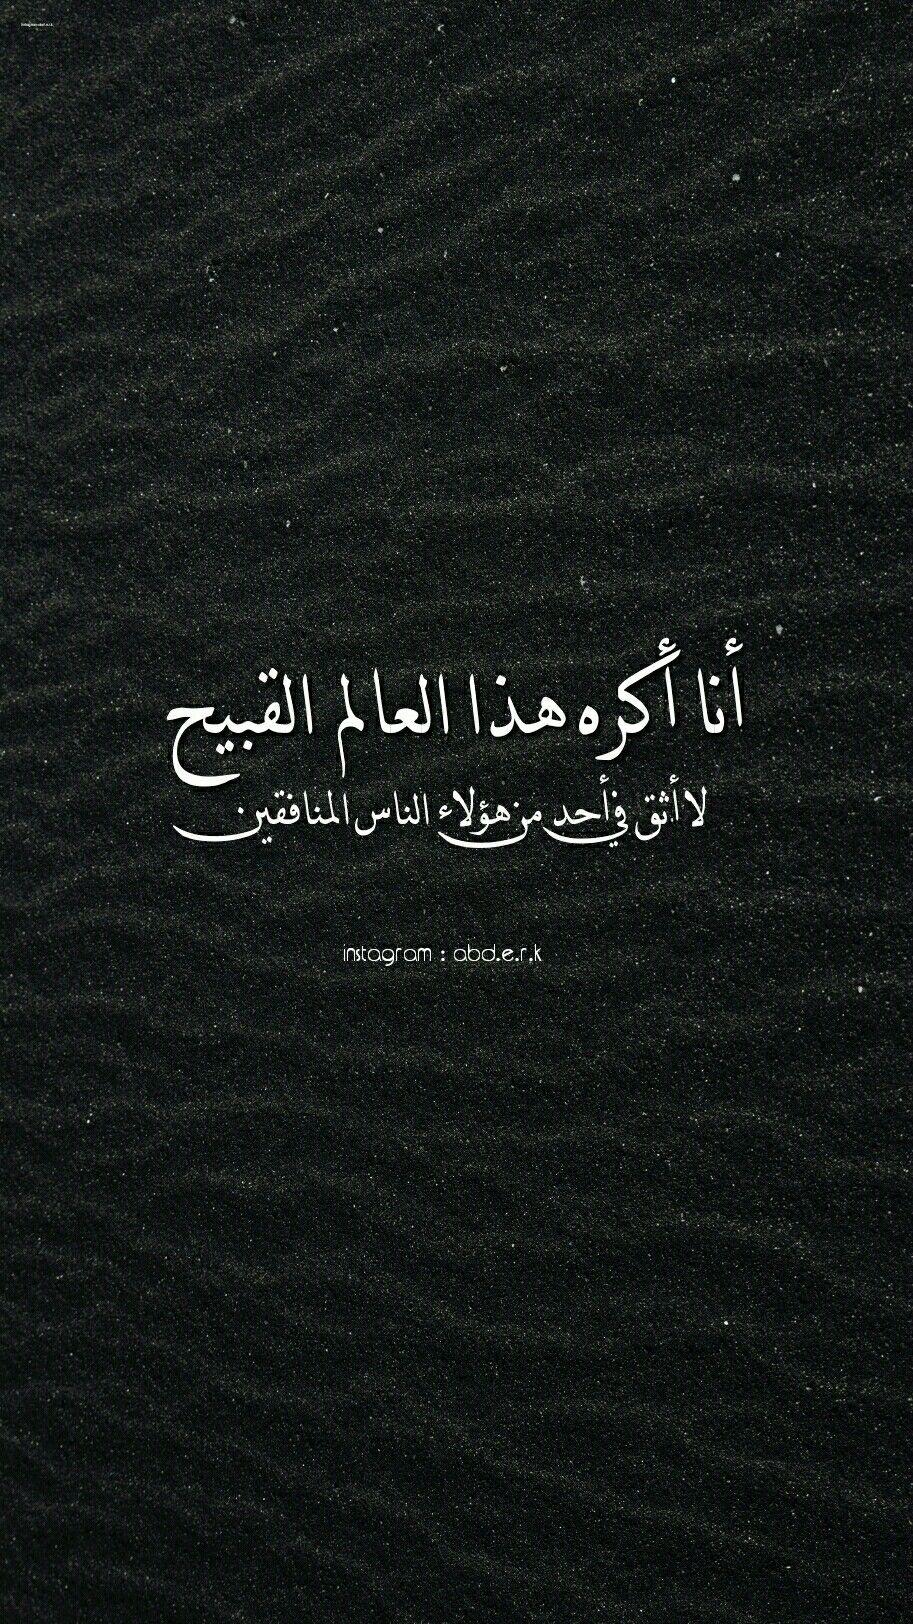 اكره هذا العالم القبيح Quotes Arabic Quotes Writing